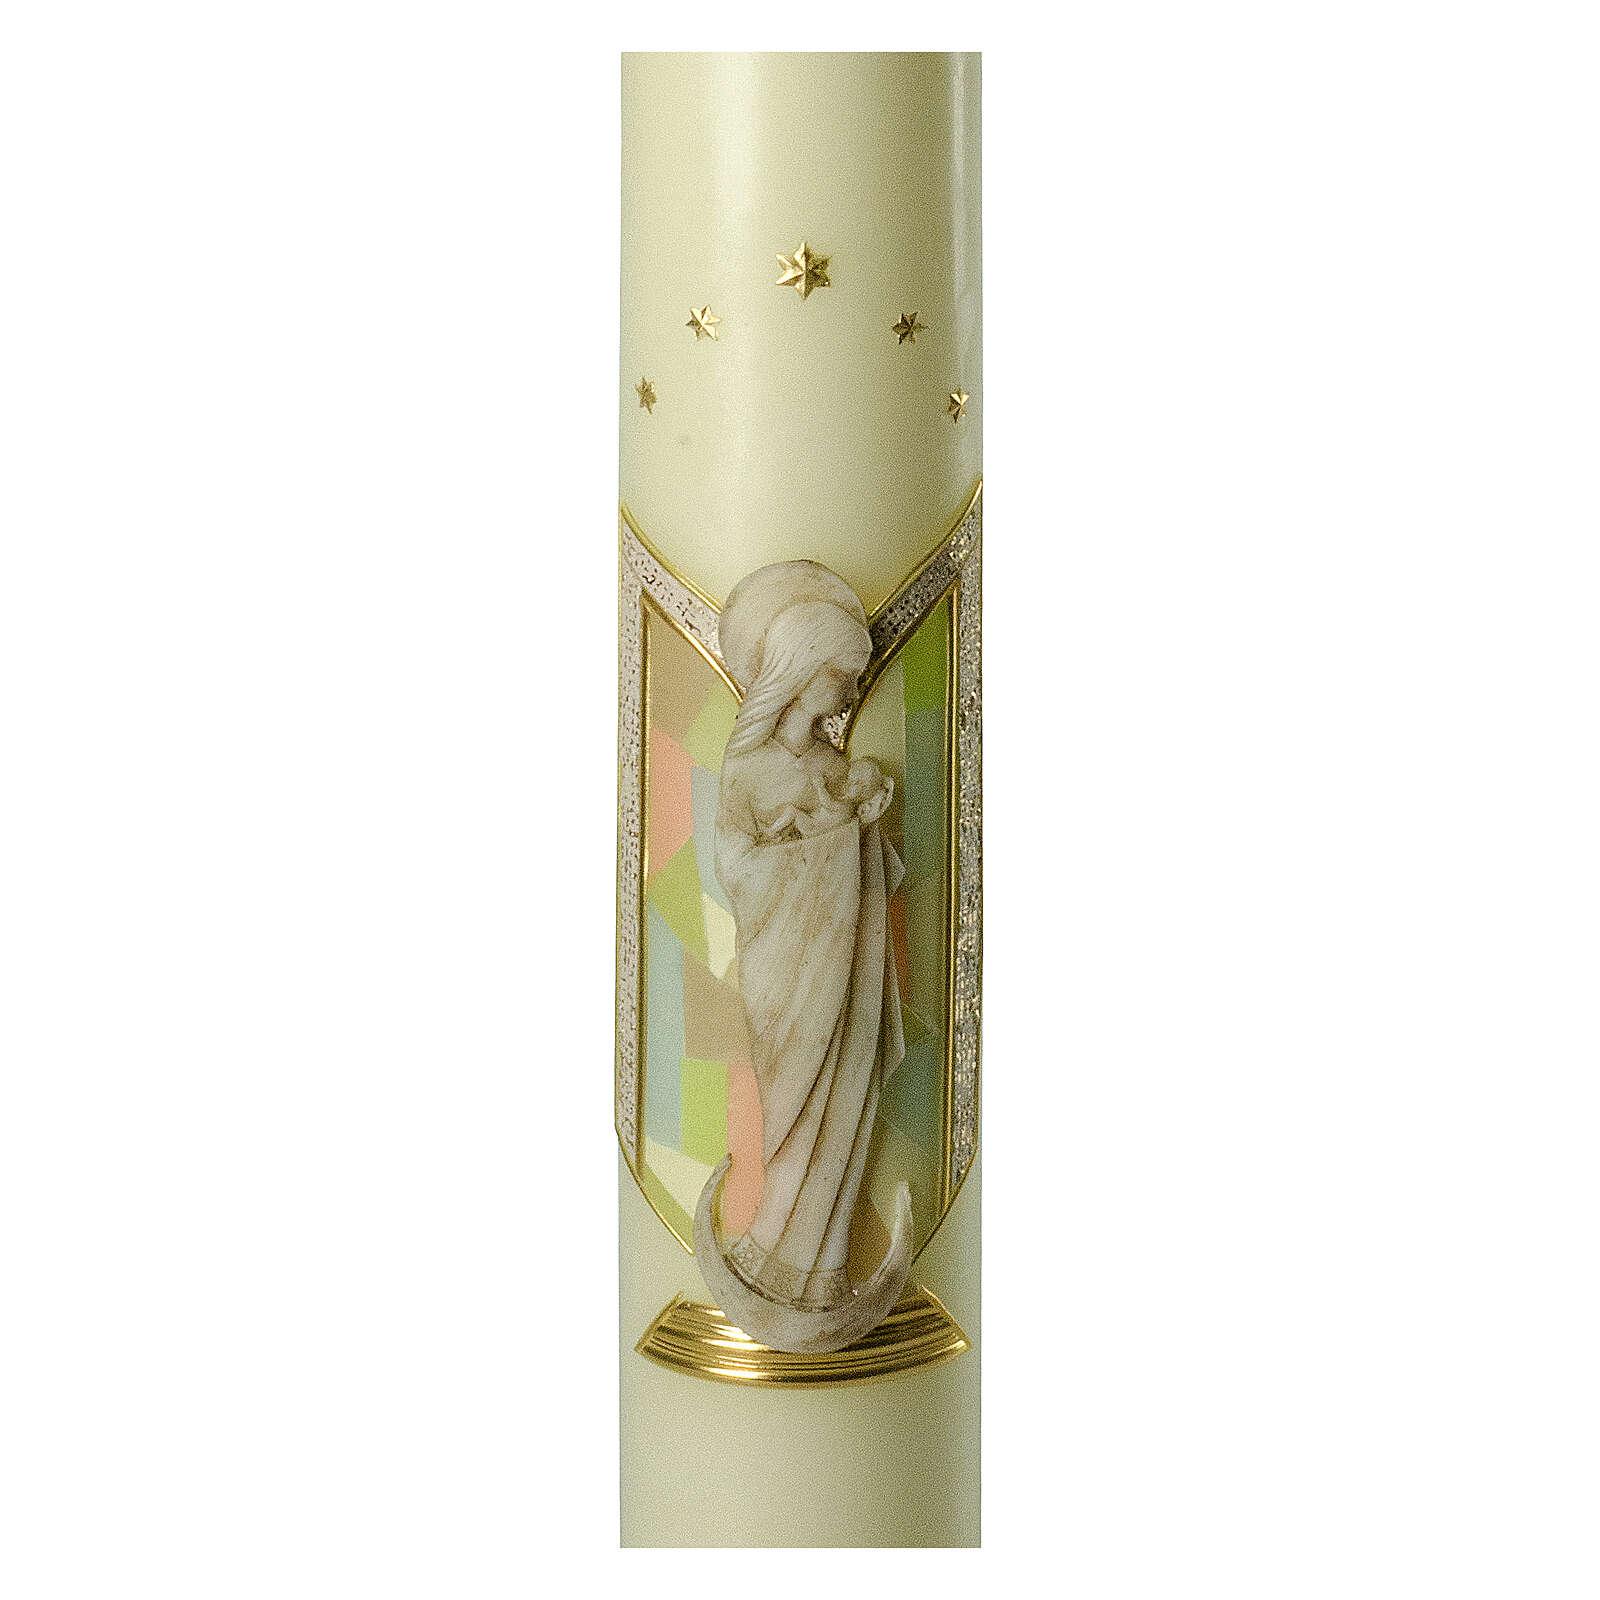 Kerze Maria Relief, 600x80 mm 3